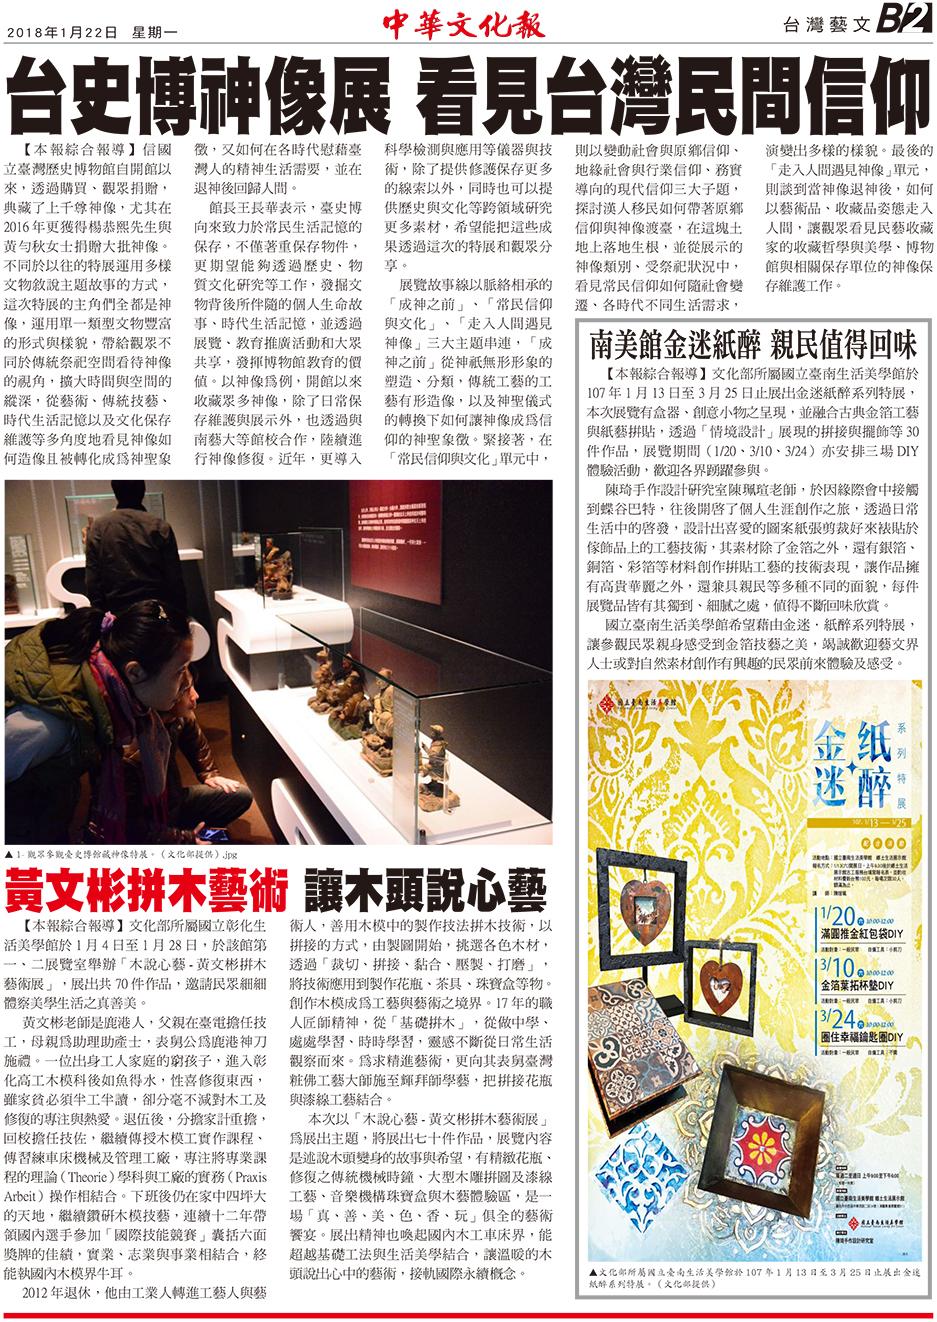 台史博神像展 看見台灣民間信仰